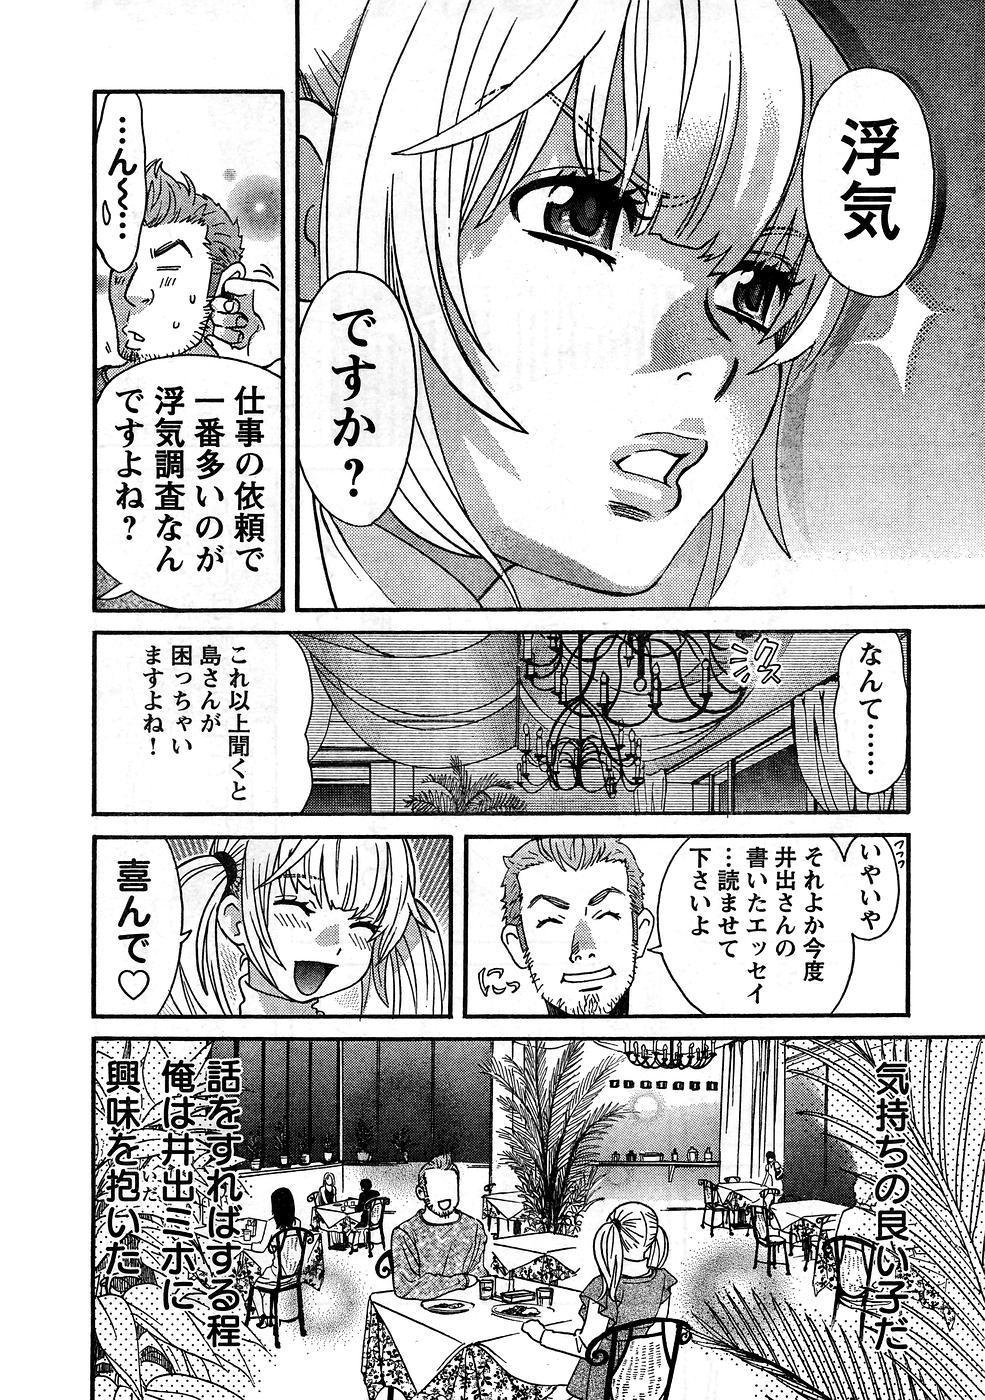 Young Champion Retsu Vol.10 6